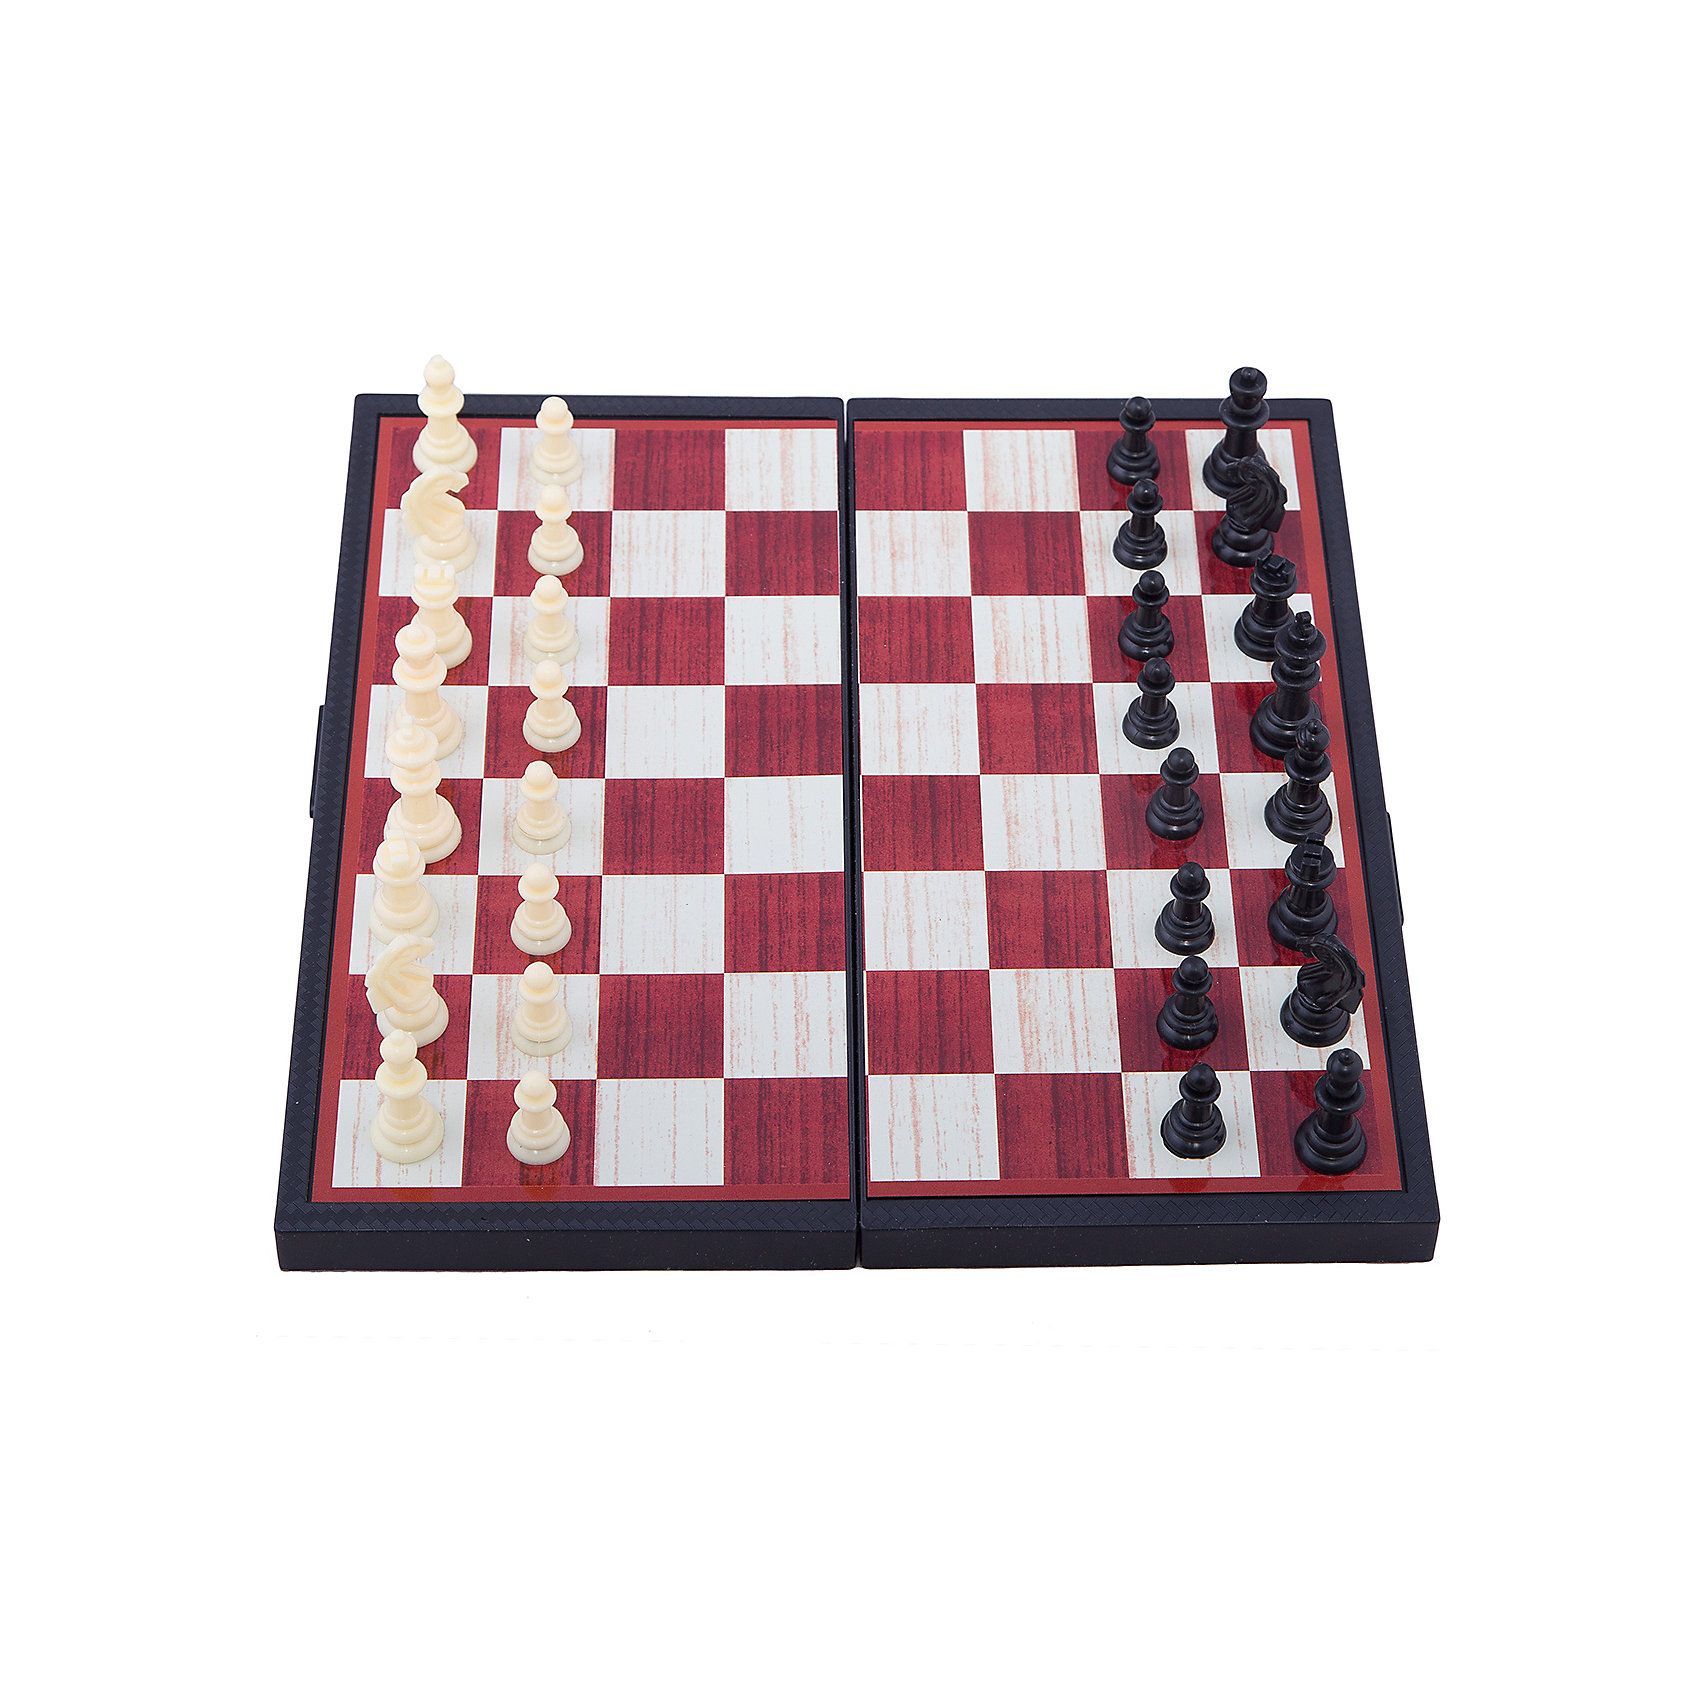 Магнитные шахматы 3-в-1: шахматы, шашки, нарды, Играем вместеСпортивные настольные игры<br>Магнитные шахматы 3-в-1: шахматы, шашки, нарды, Играем вместе<br>Шахматы 3 в 1 для самых умных и сообразительных! Шахматы и доска изготовлены из дерева. Но одной стороне доски нарисовано поле для шахмат и шашек, а с другой для нард. Этот замечательный набор научит ребенка сообразительности и усидчивости.<br><br>Дополнительная информация:<br><br>- В комплекте: нарды, шашки, комплект шахматных фигур<br>- Материал: пластик<br>- Размер упаковки: 4 х 13 х 26 см.<br><br>Магнитные шахматы 3-в-1: шахматы, шашки, нарды, Играем вместе можно купить в нашем интернет-магазине.<br><br>Ширина мм: 40<br>Глубина мм: 130<br>Высота мм: 260<br>Вес г: 380<br>Возраст от месяцев: 36<br>Возраст до месяцев: 120<br>Пол: Унисекс<br>Возраст: Детский<br>SKU: 3826599